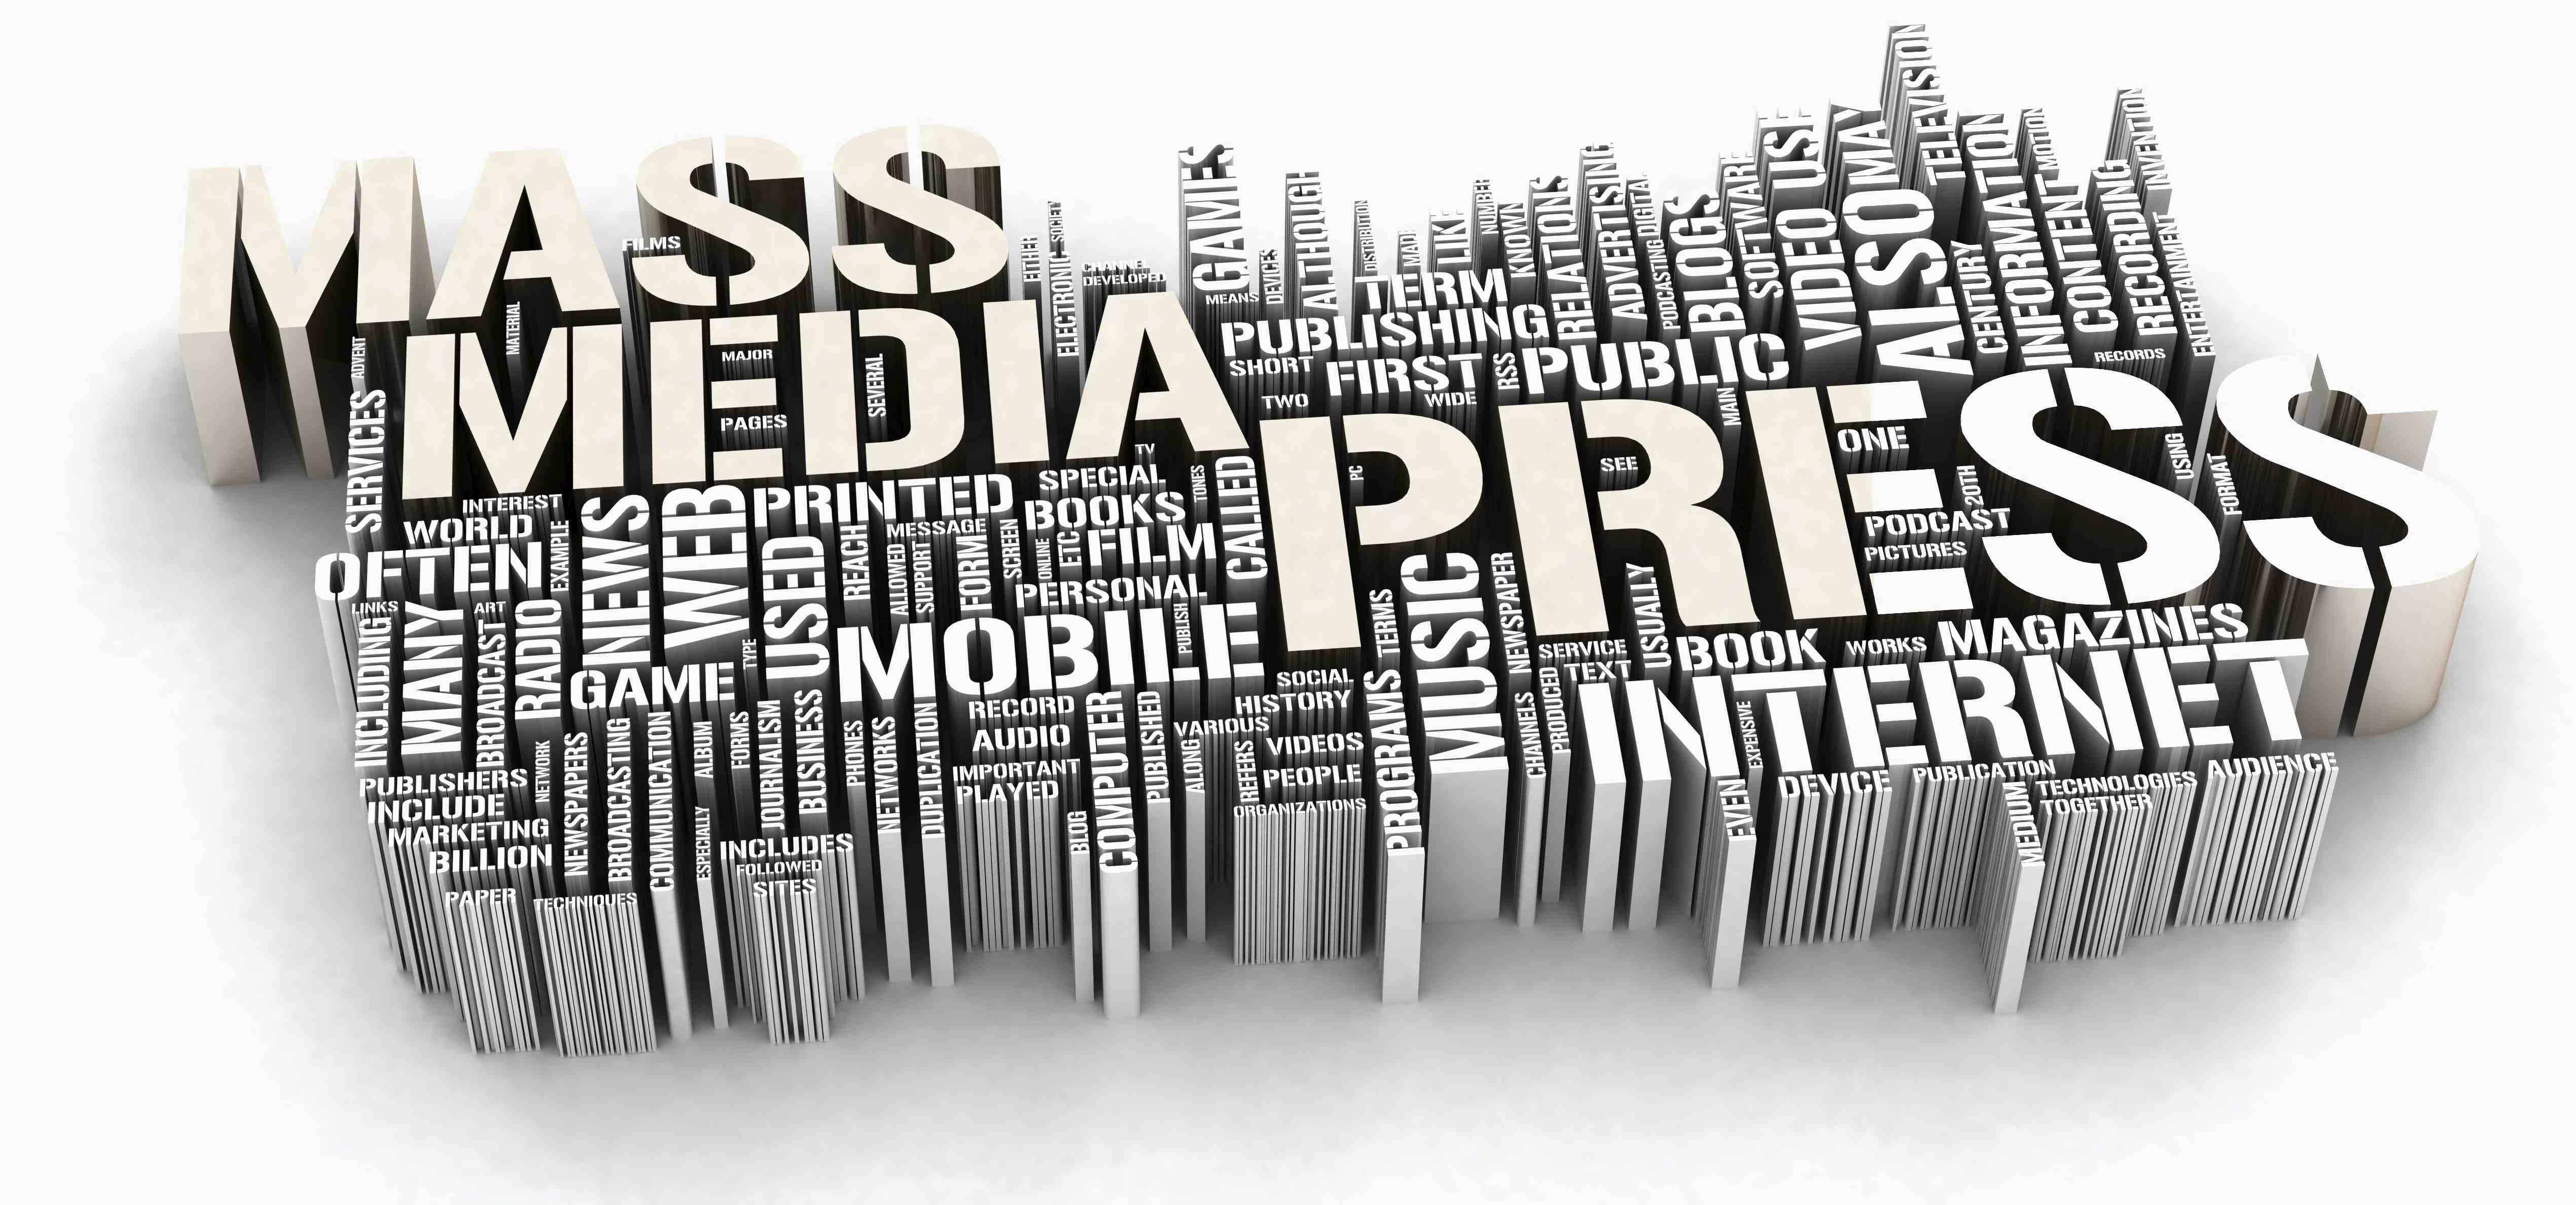 https://www.scmp.pt/assets/misc/img/media-press.jpg